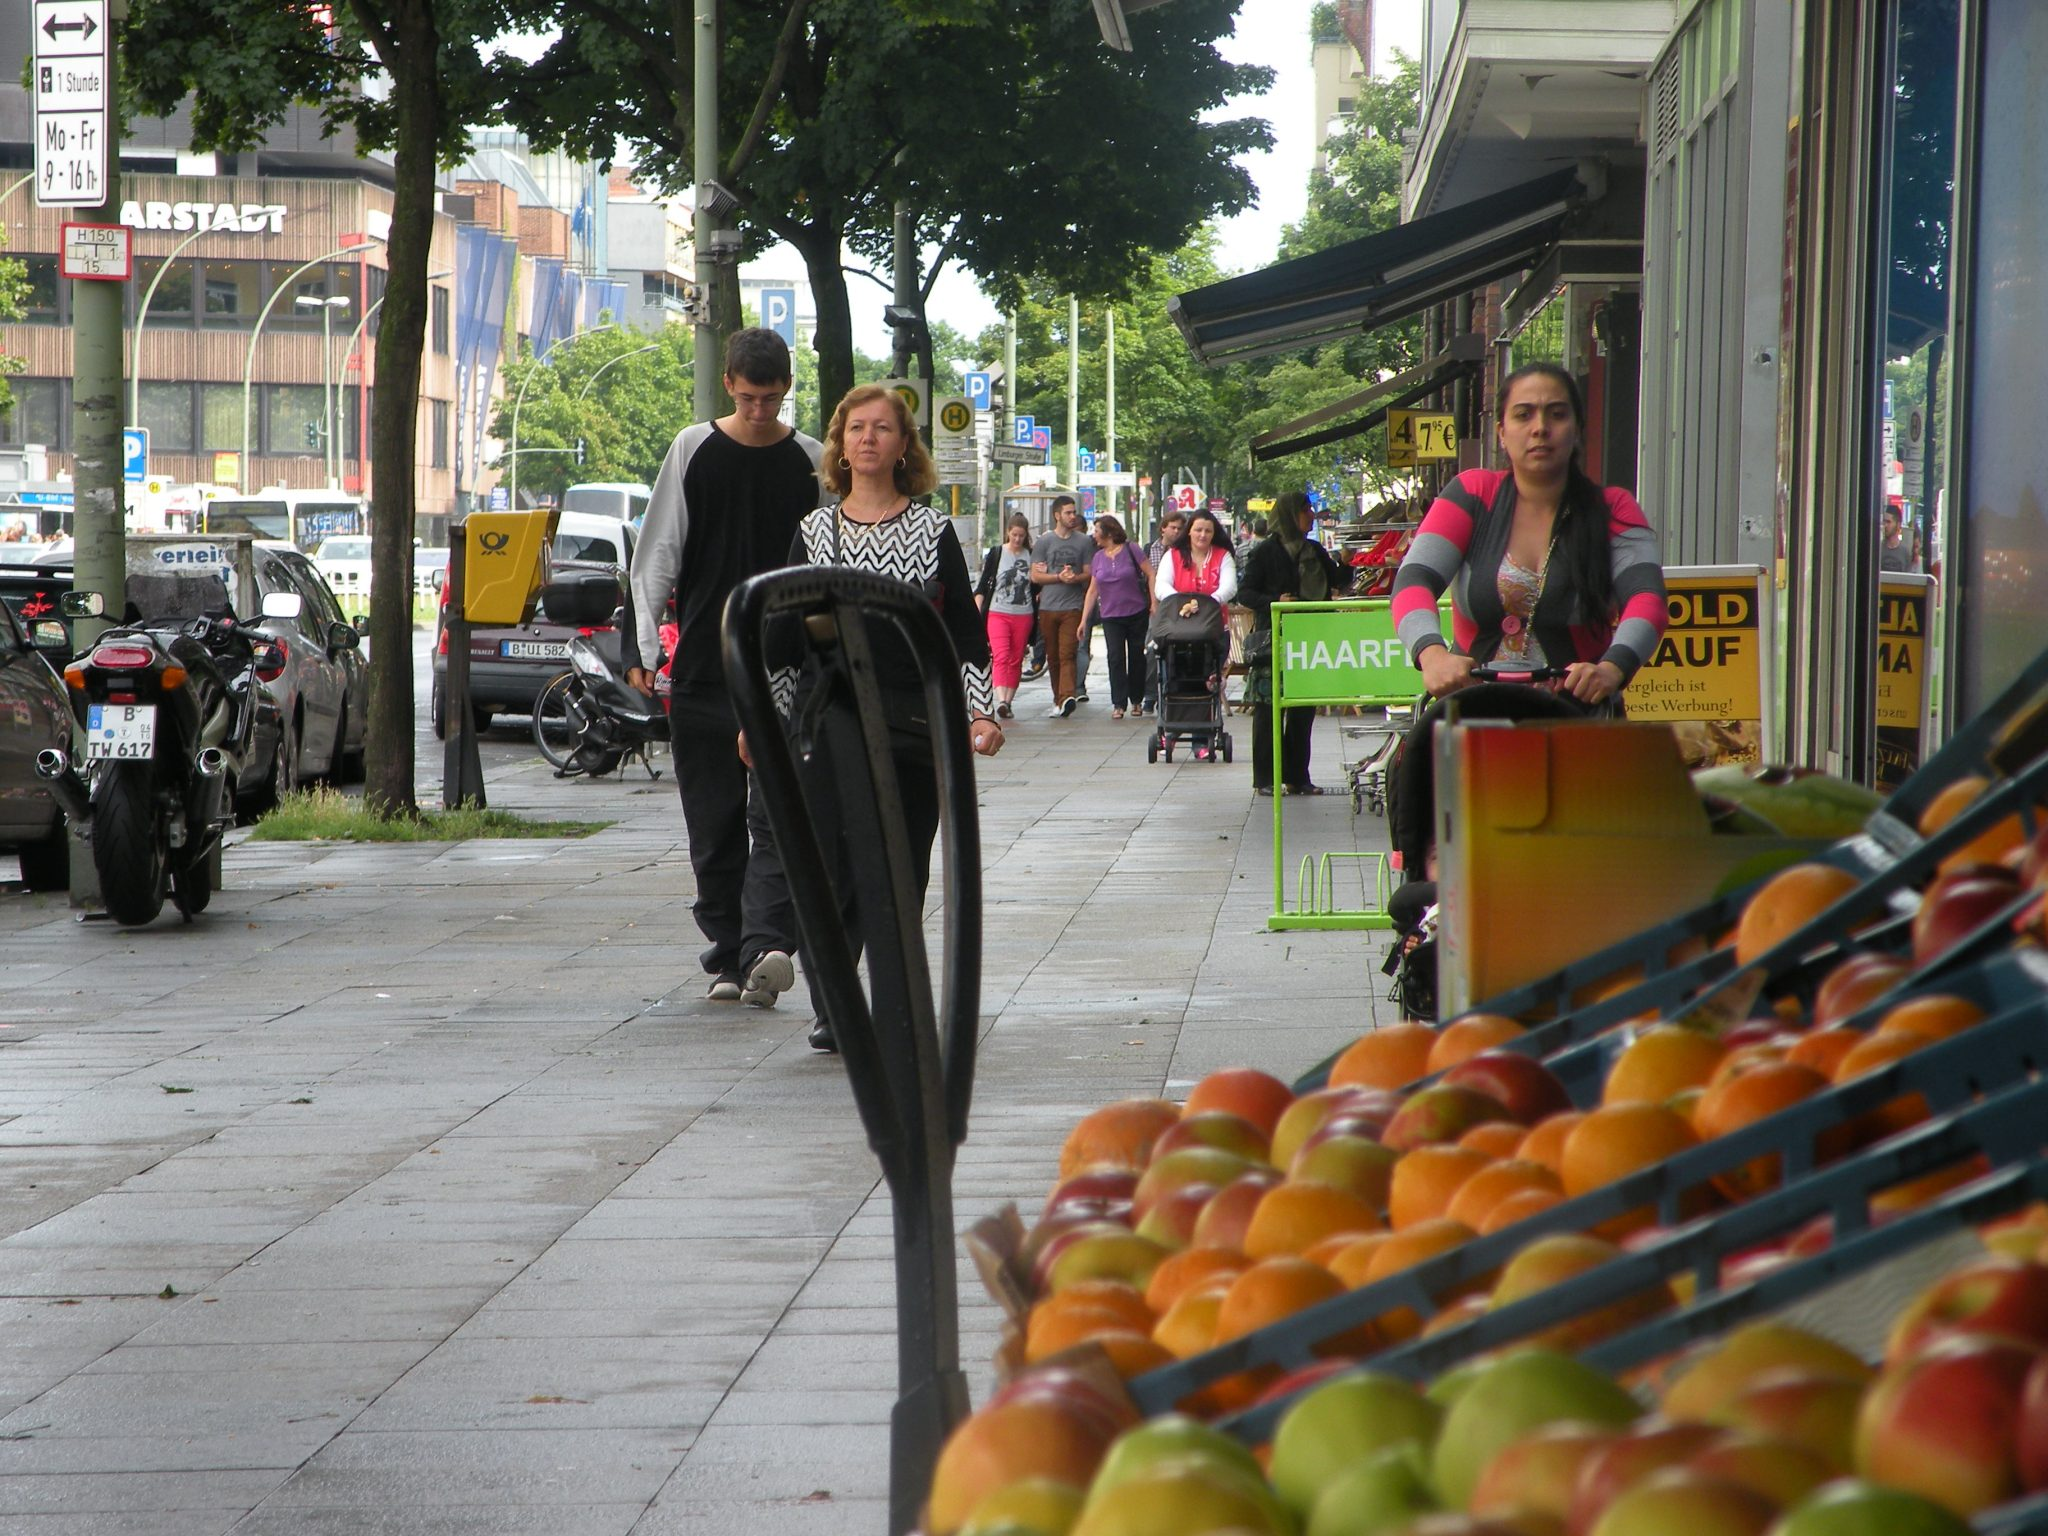 Ein Gemüseladen an der Müllerstraße